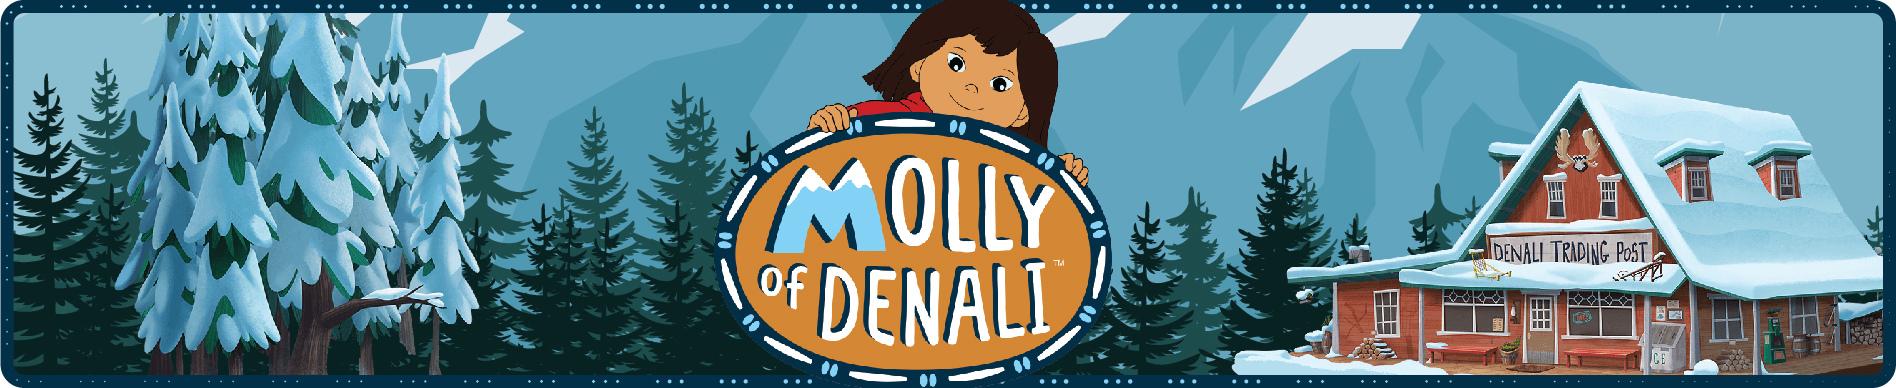 molly of denali header